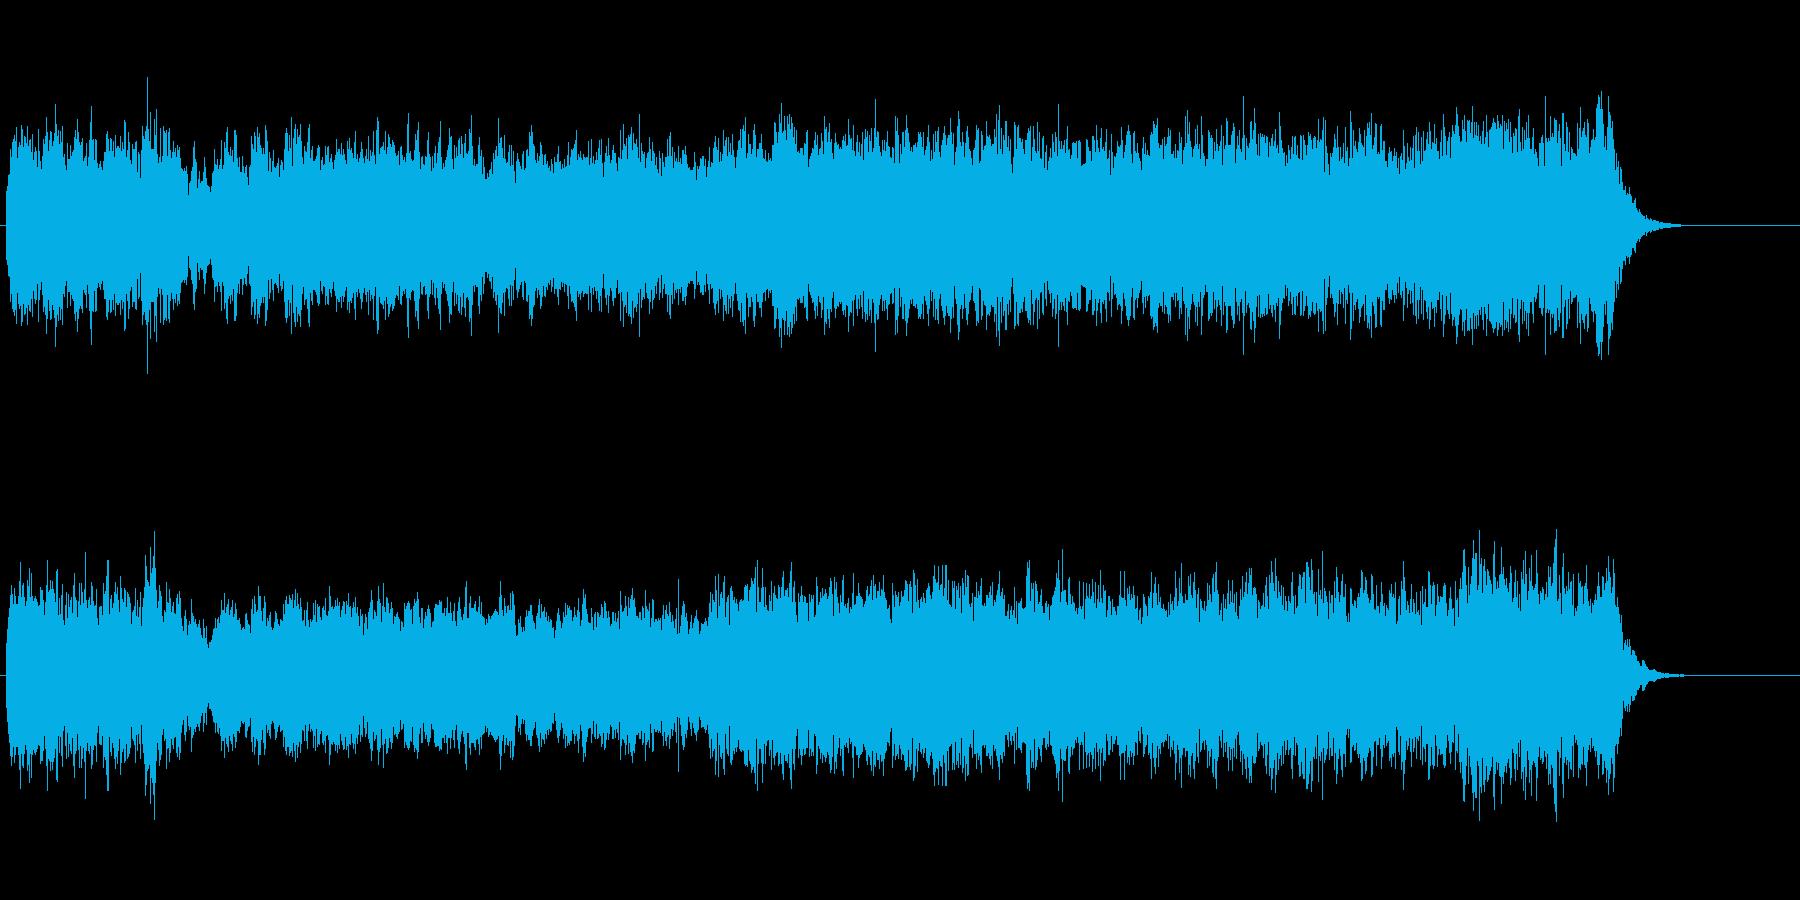 メルヘン クリスマス ブライダル 優雅の再生済みの波形